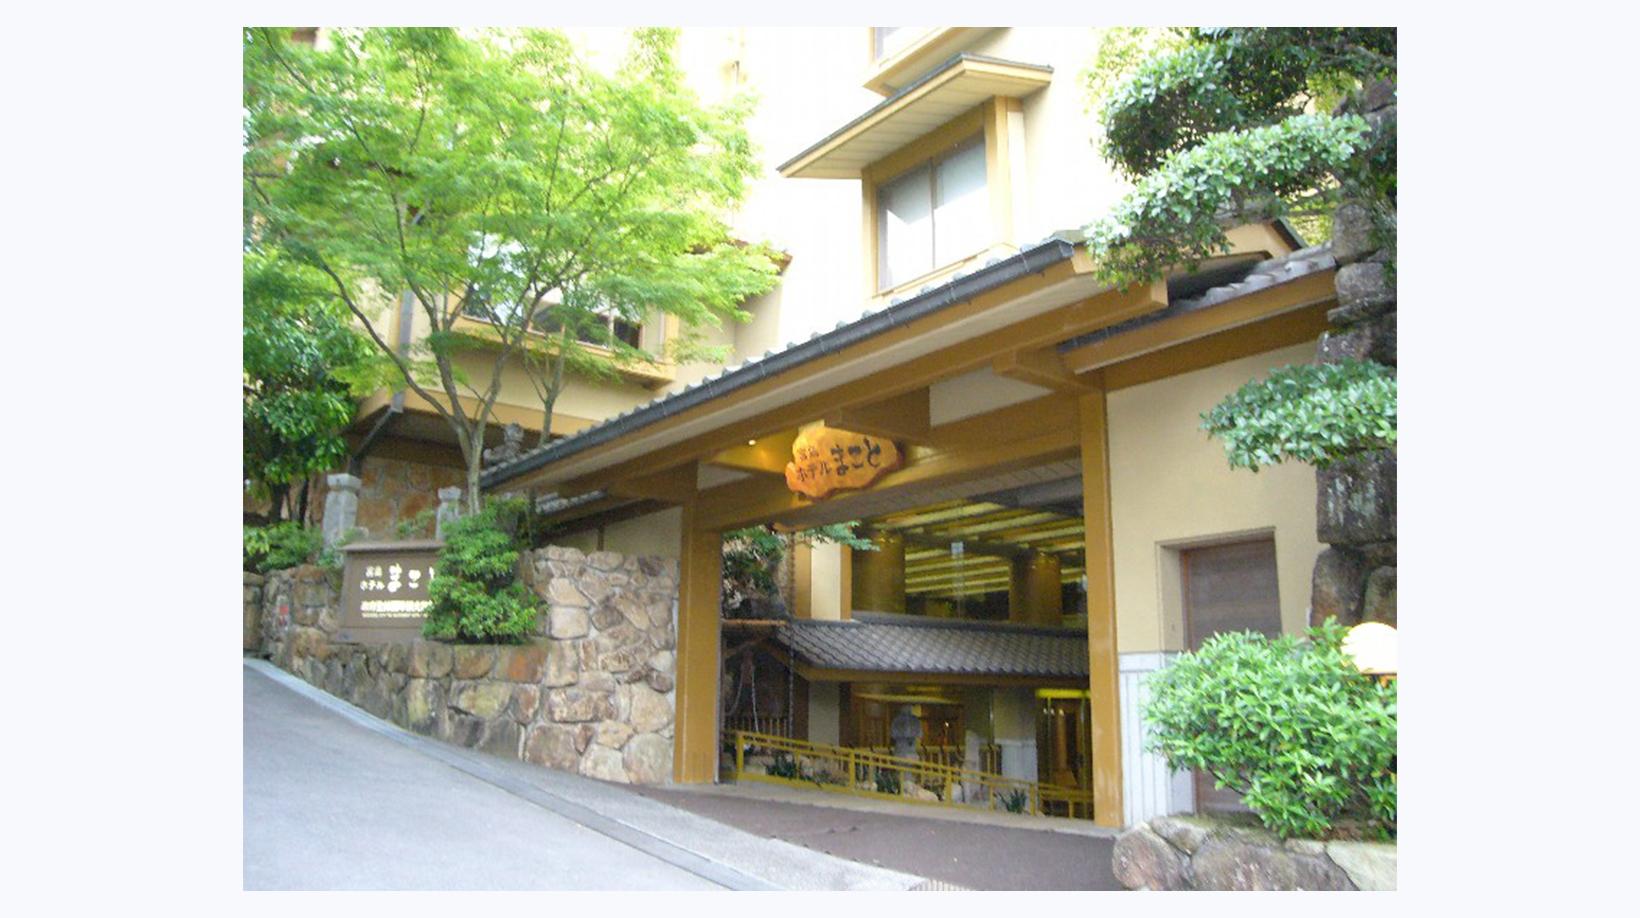 ホテル内無線LAN環境の構築・導入事例-宮島ホテルまこと 様